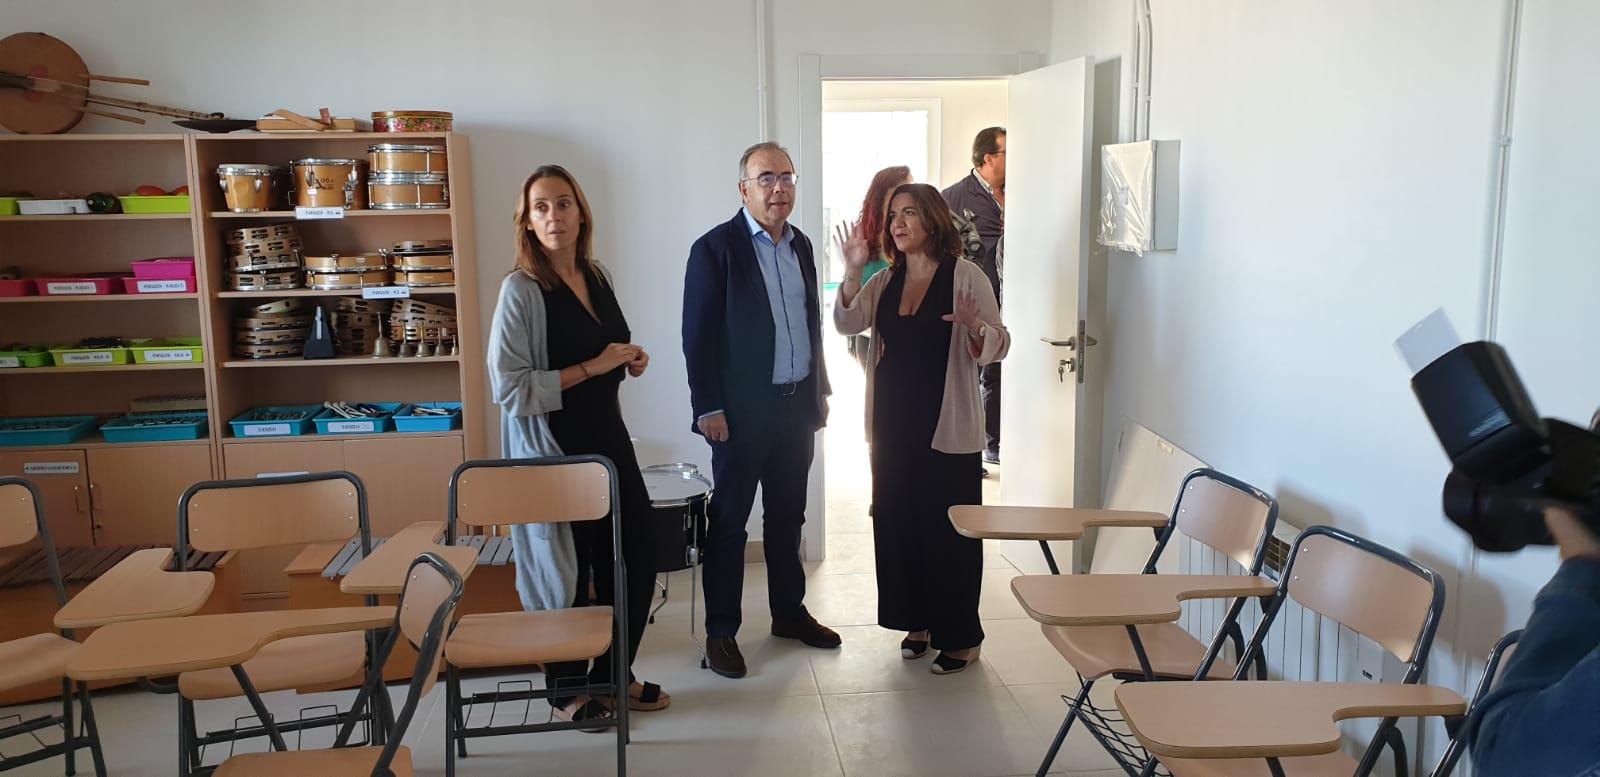 Noa Díaz, Xosé Sánchez Bugallo e Olga Raíces visitando as aulas.